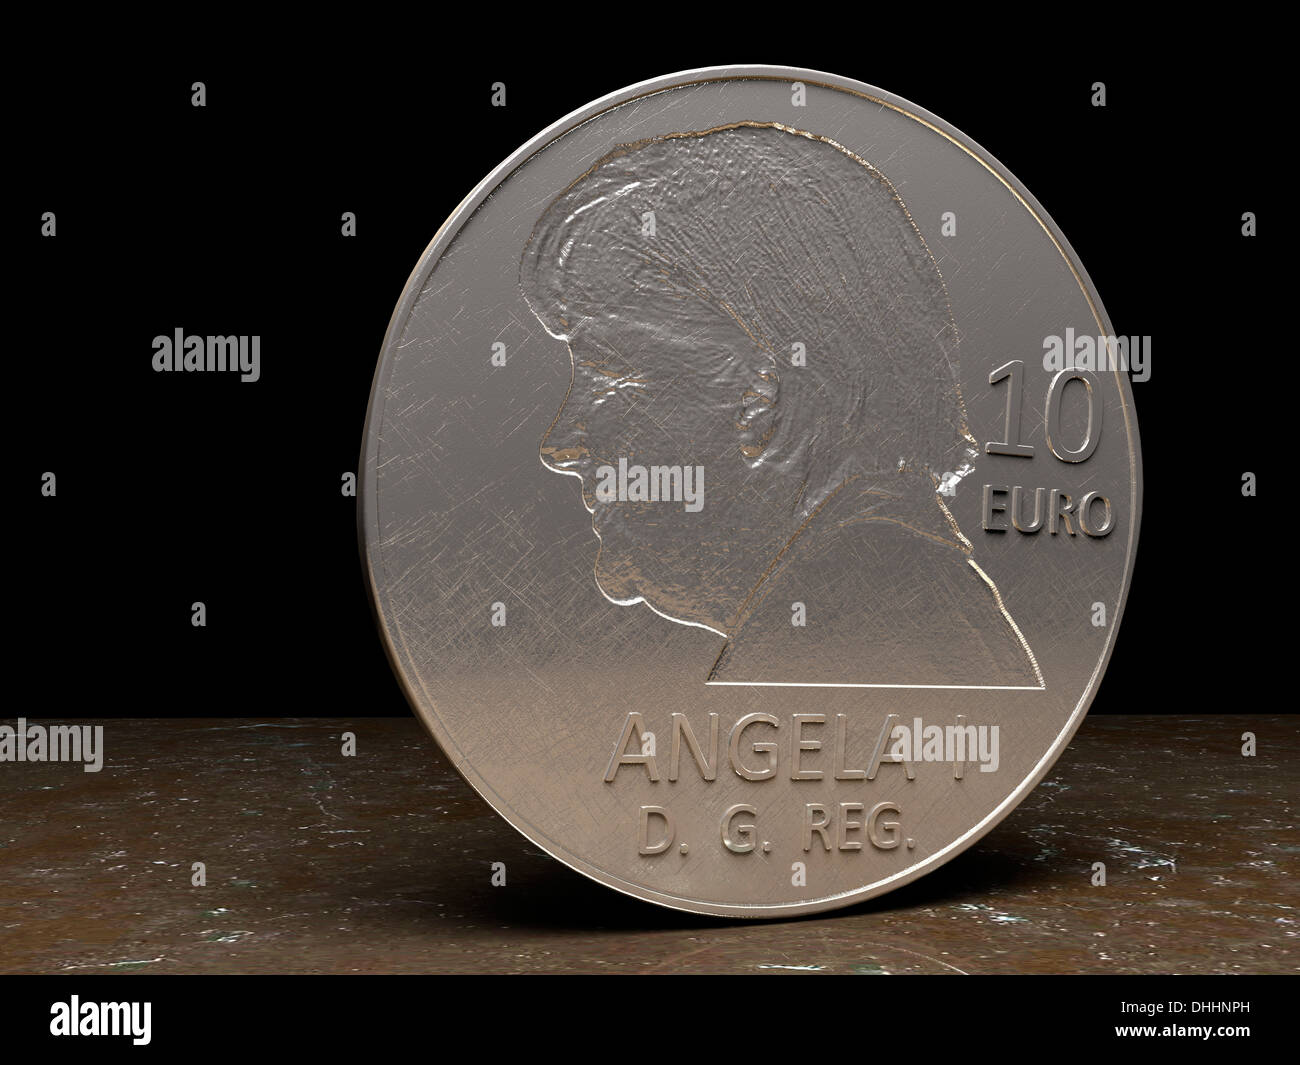 10 Euro Münze Zeigt Angela Merkel Bundeskanzlerin Der